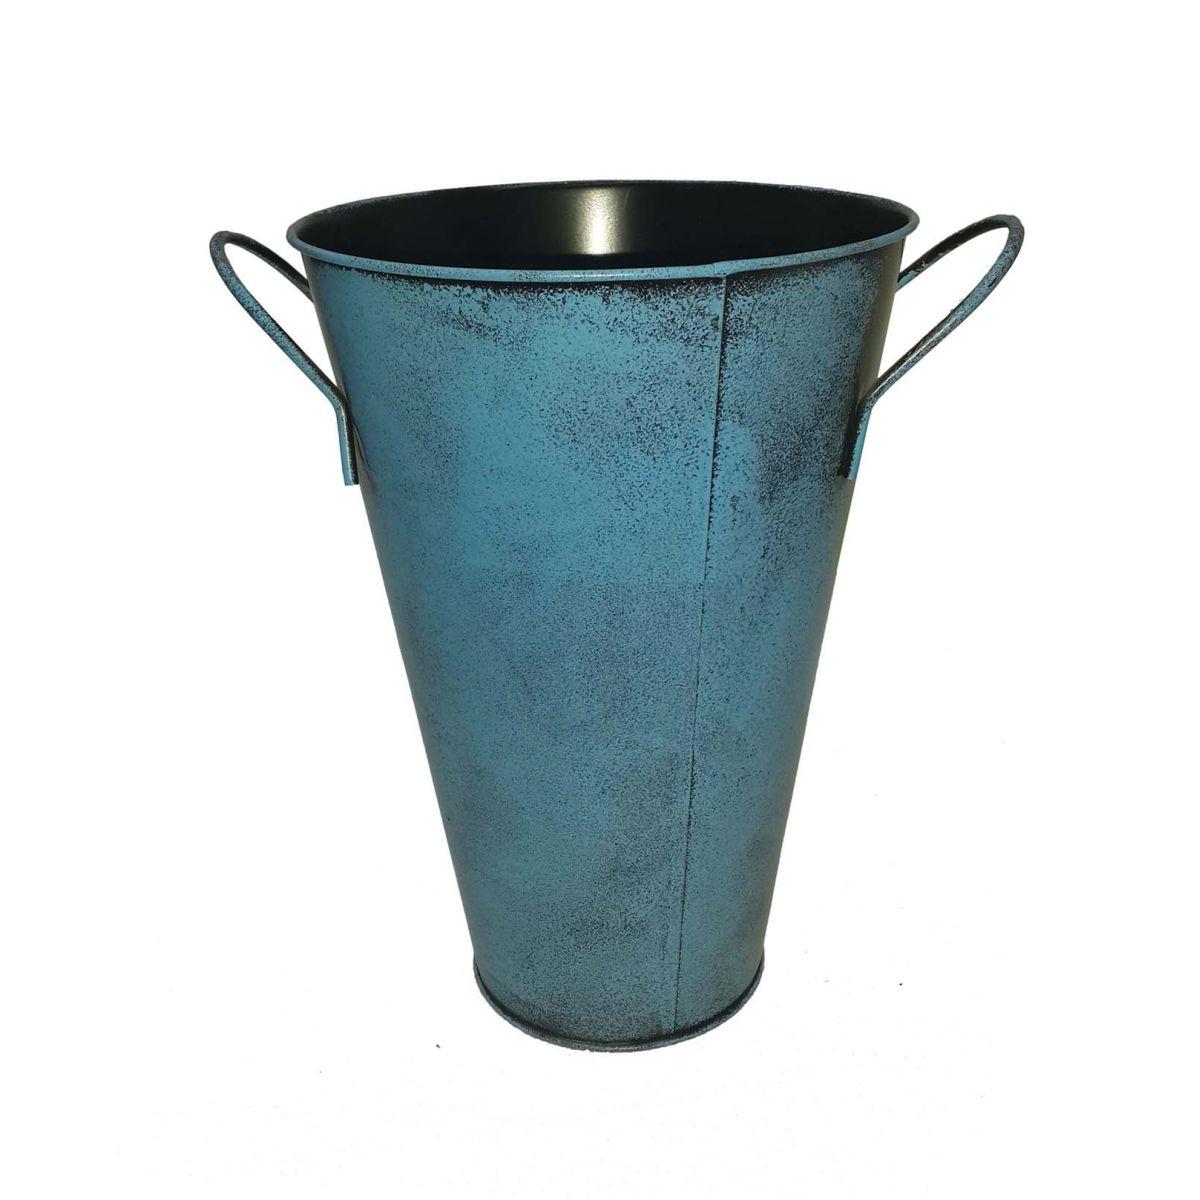 Balde Vaso Metal Enfeite Com Alça Jardim Quintal Varanda Flor Joaninha Azul (BALDE-26)